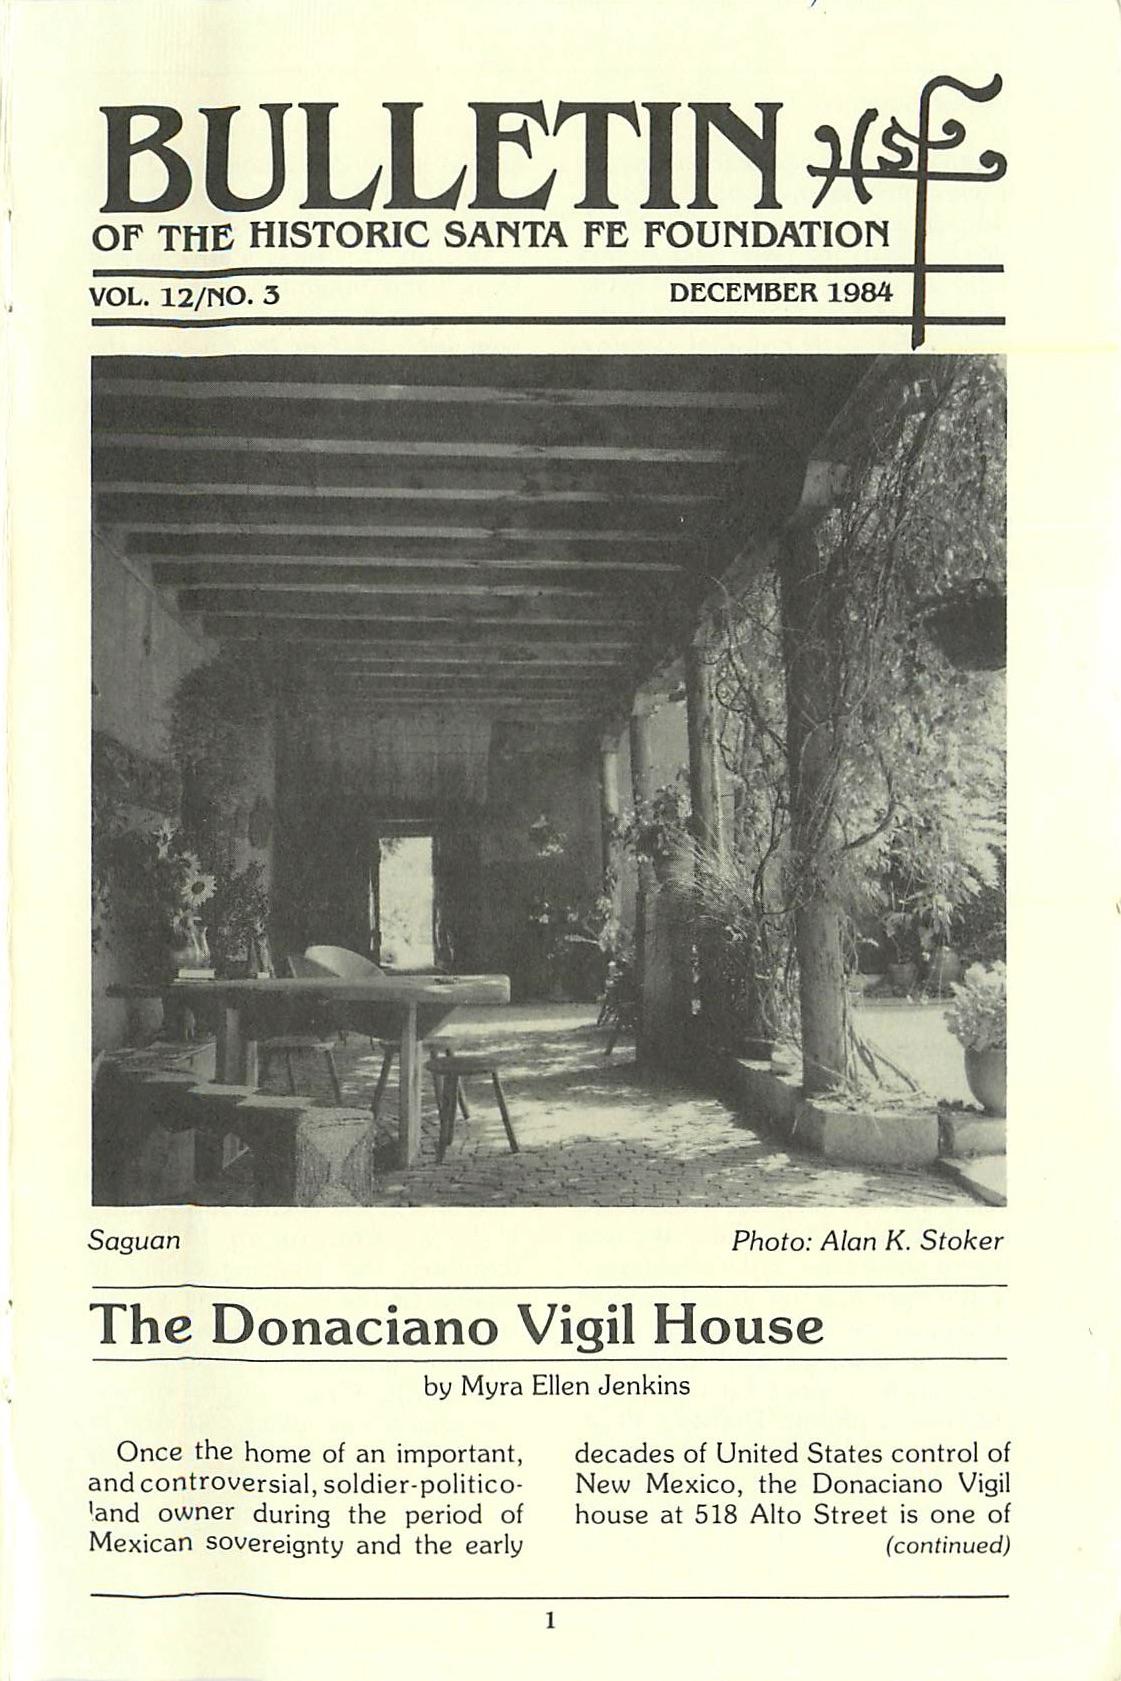 1984 HSFF Bulletin Vol.12 No.3 Cover